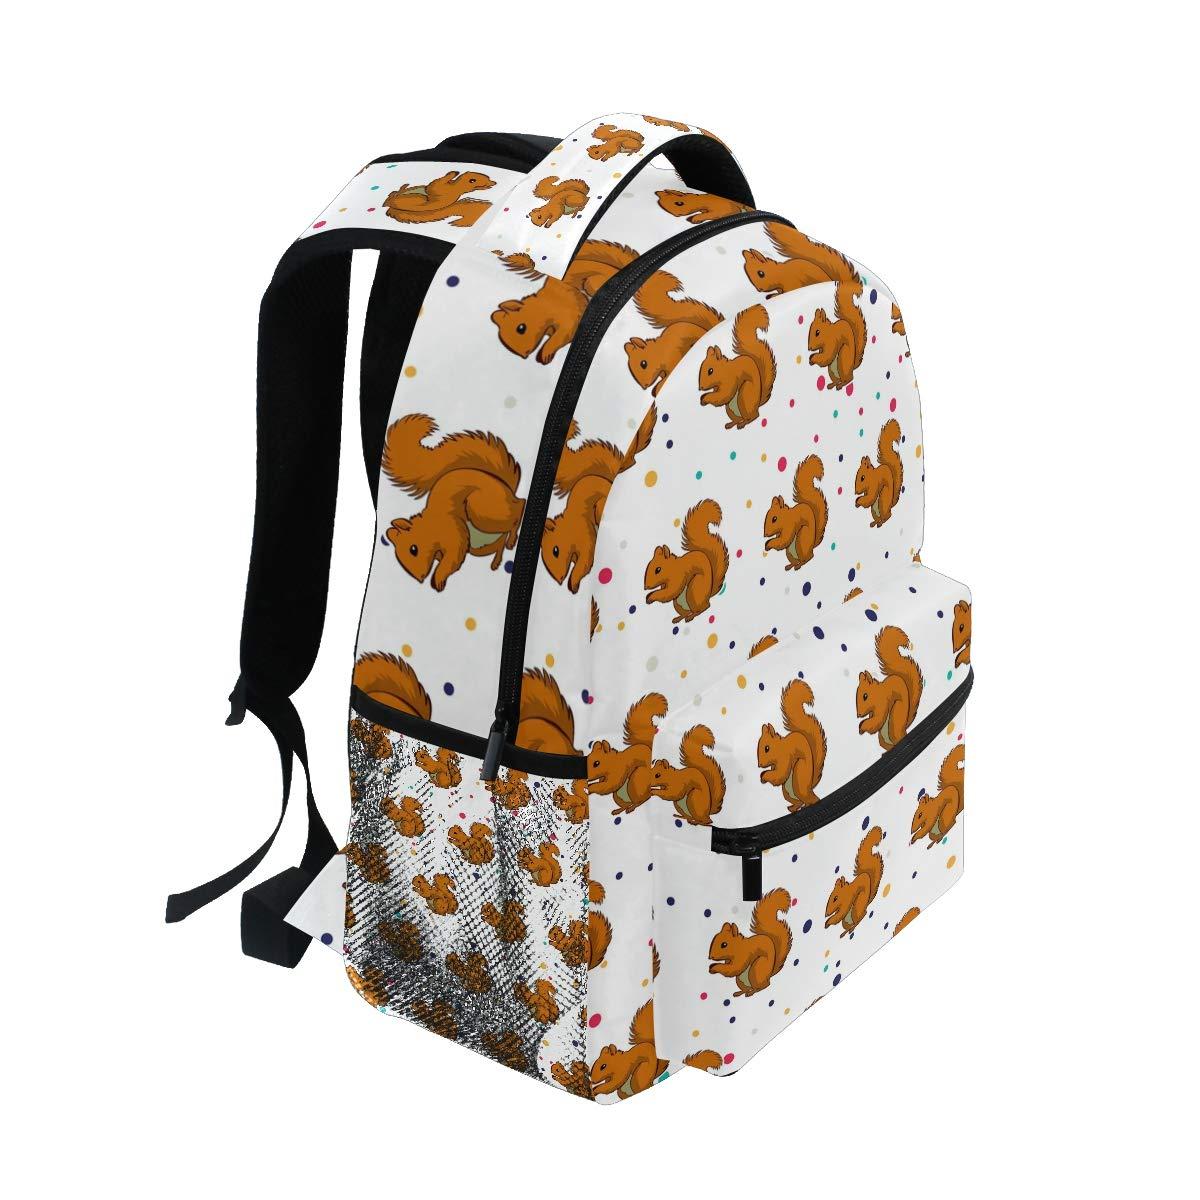 Amazon.com: Elegante mochila con diseño de ardilla – Bolsas ...